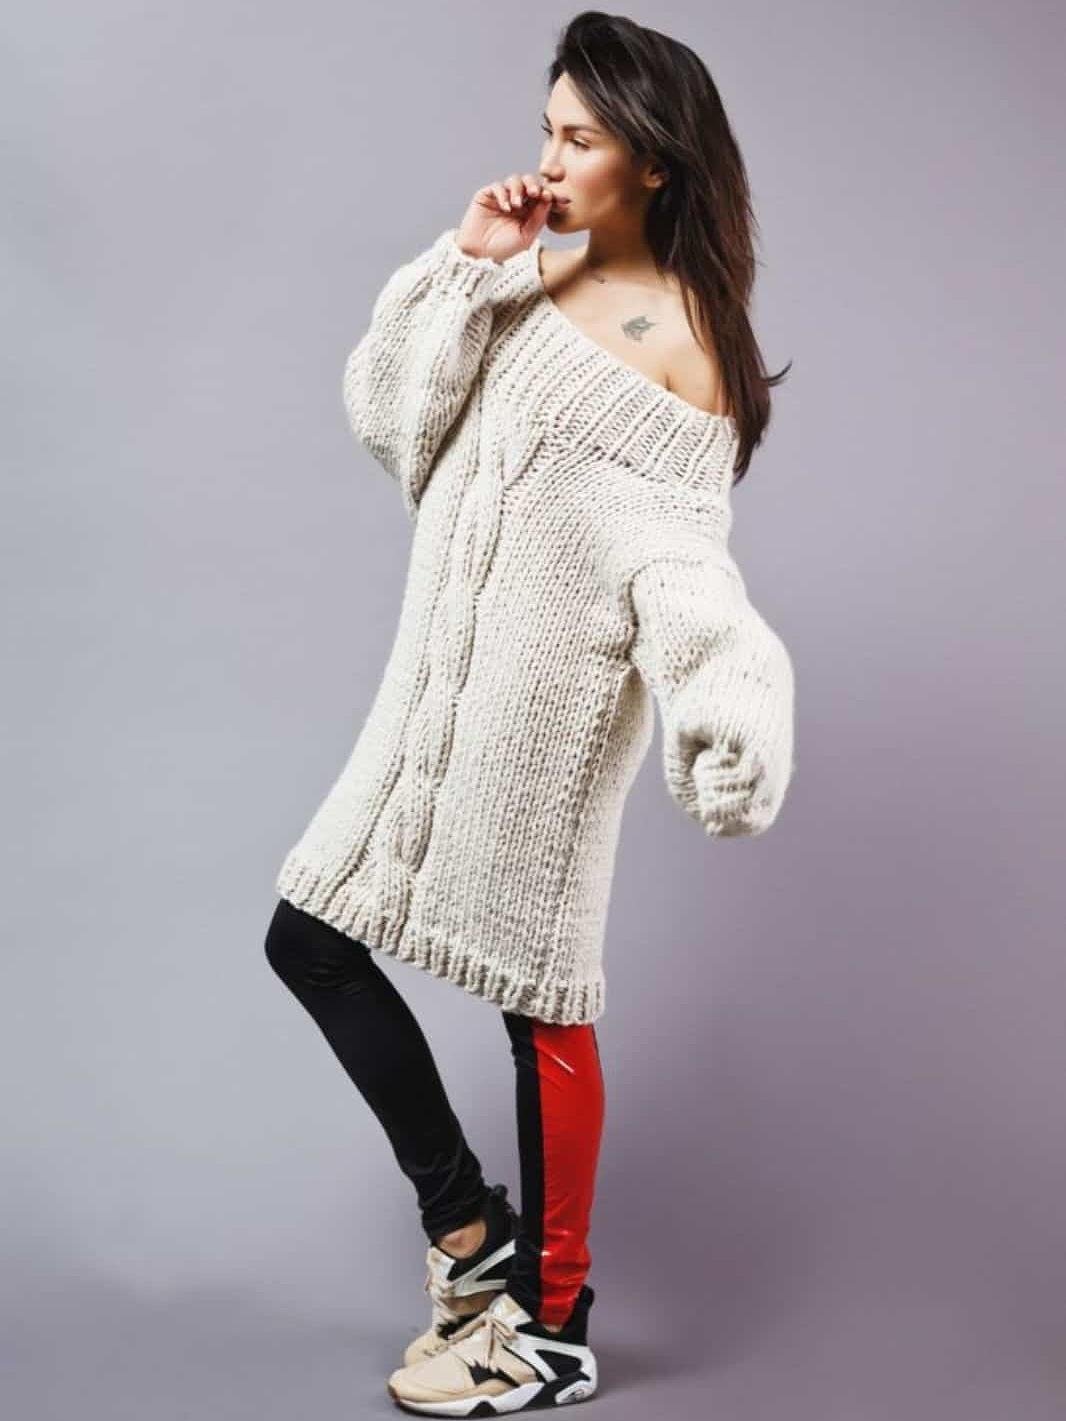 9f78db2ba3d Длинный свитер - купить в интернет-магазине вязаной одежды ...